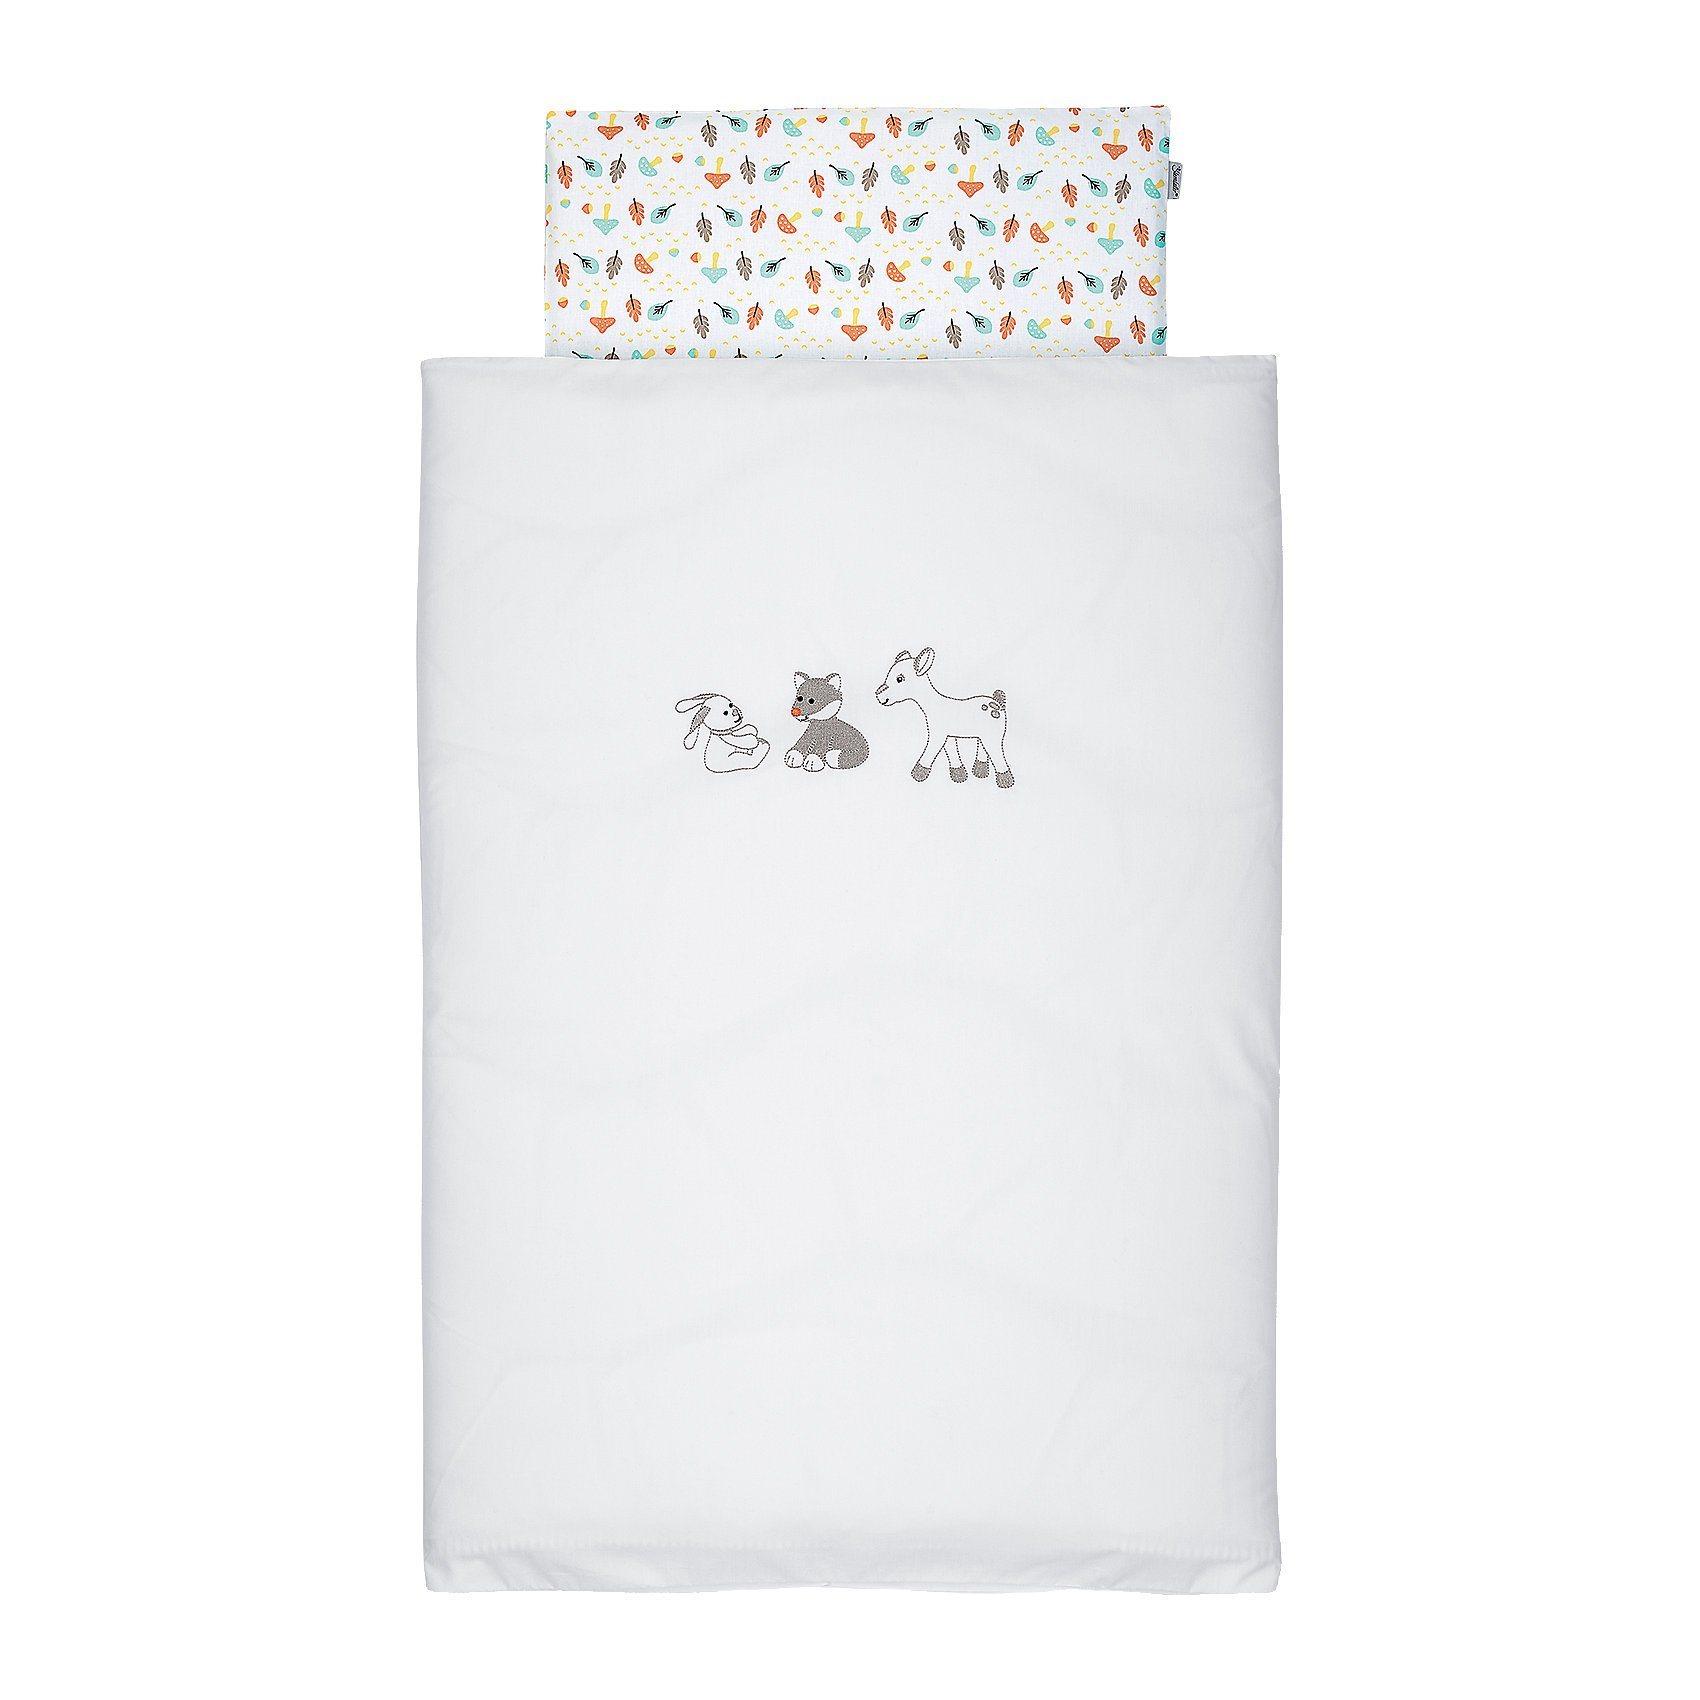 Sterntaler Baby-Bettwäsche Waldis, 80 x 80 cm | Kinderzimmer > Textilien für Kinder > Kinderbettwäsche | Baumwolle | Sterntaler®